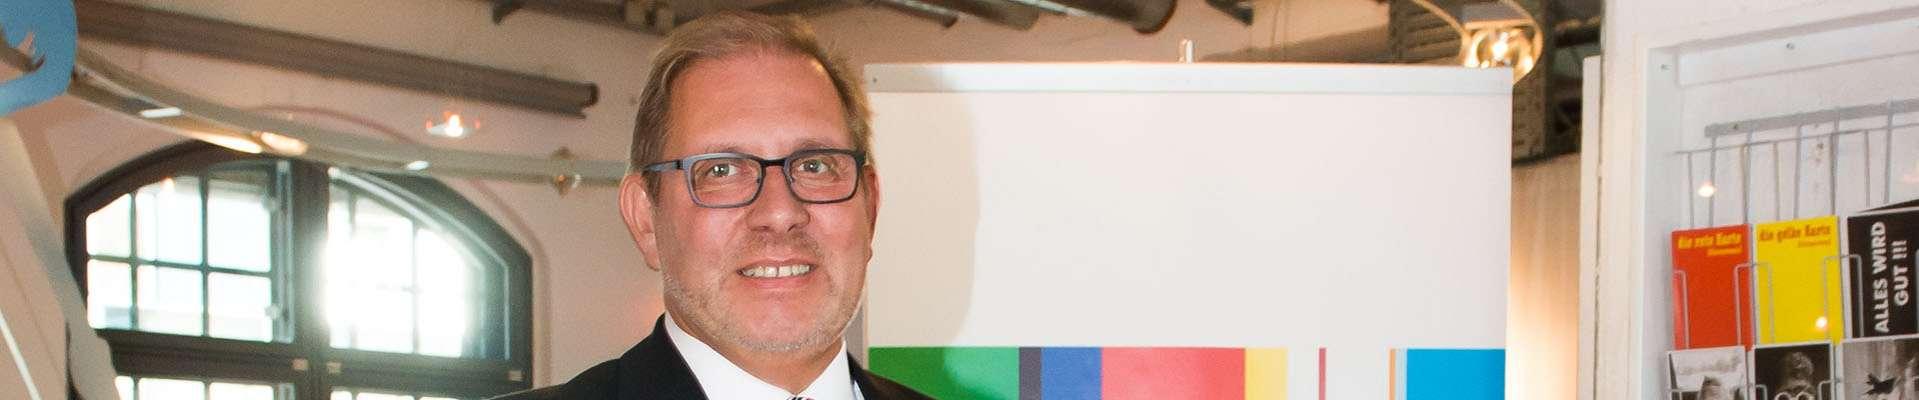 Teaser: Stellvertretender Sprecher der Verbände Helmut Biermann